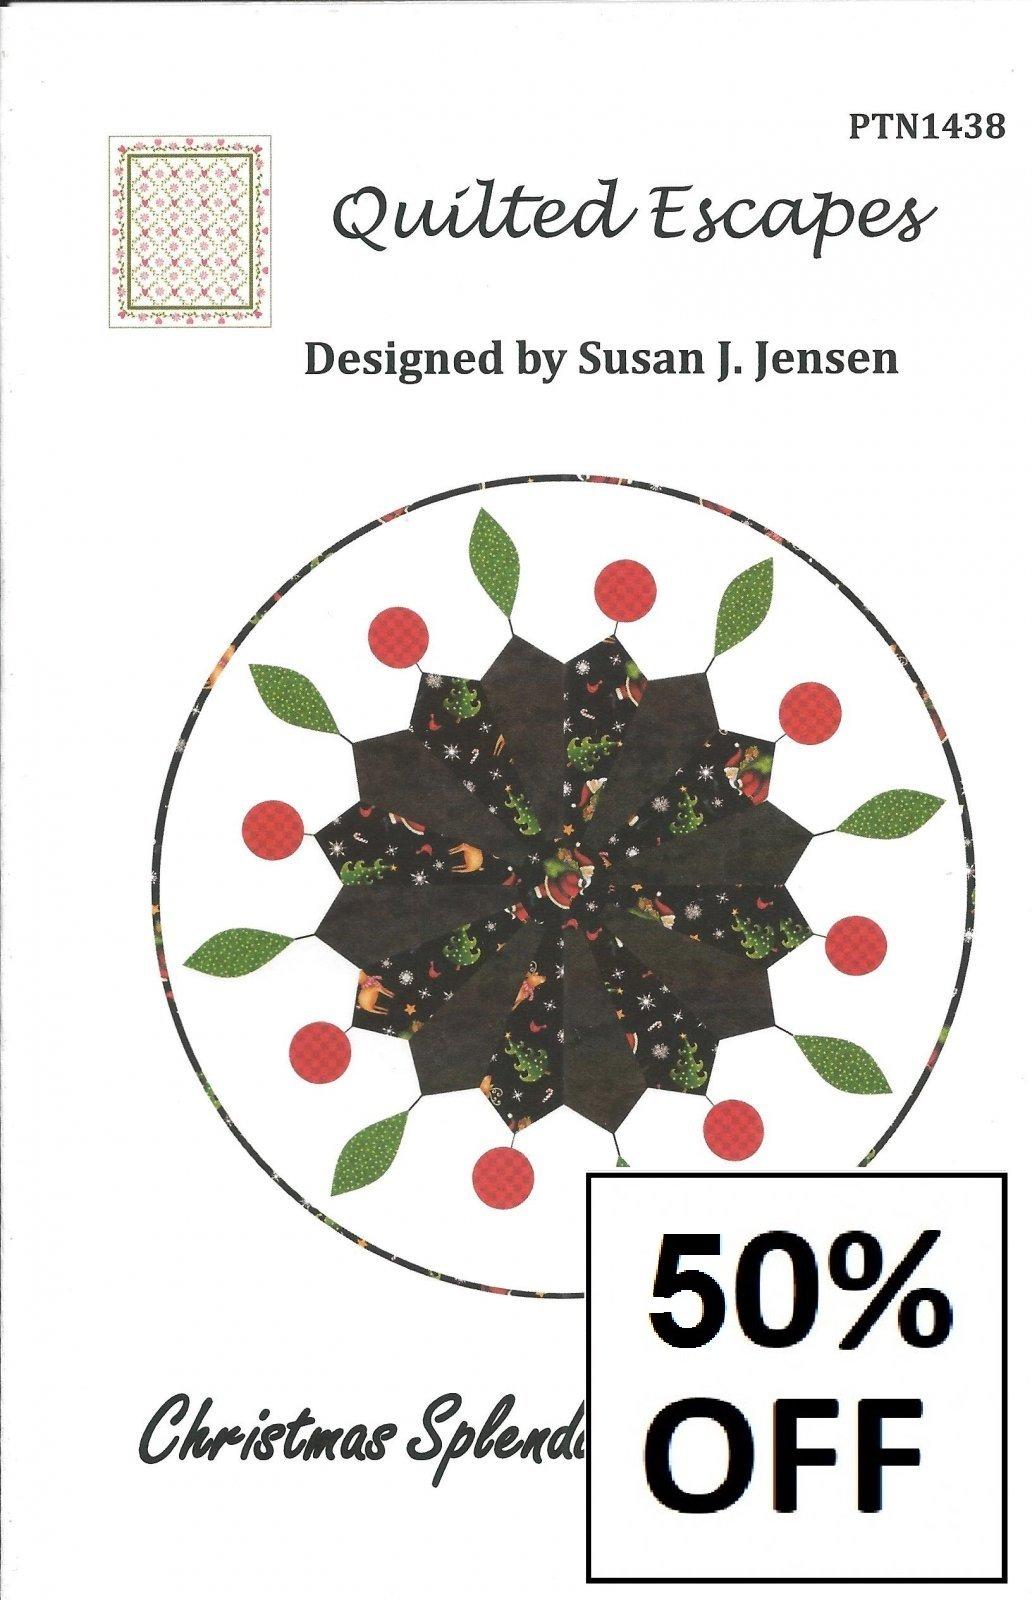 Christmas Splendor Table Topper - 50% off